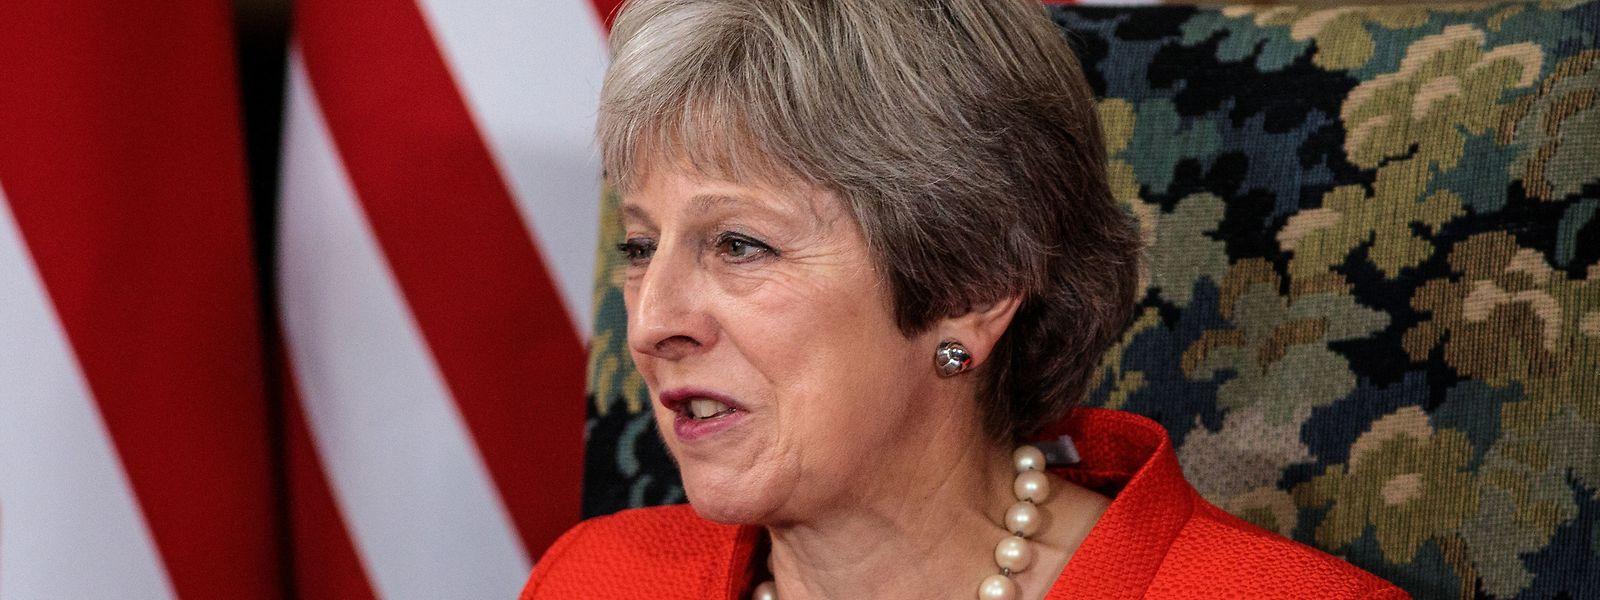 """Die Vorsitzende der konservativen Tories, Theresa May, hat einen Gastbeitrag für die """"Mail on Sunday"""" verfasst.."""